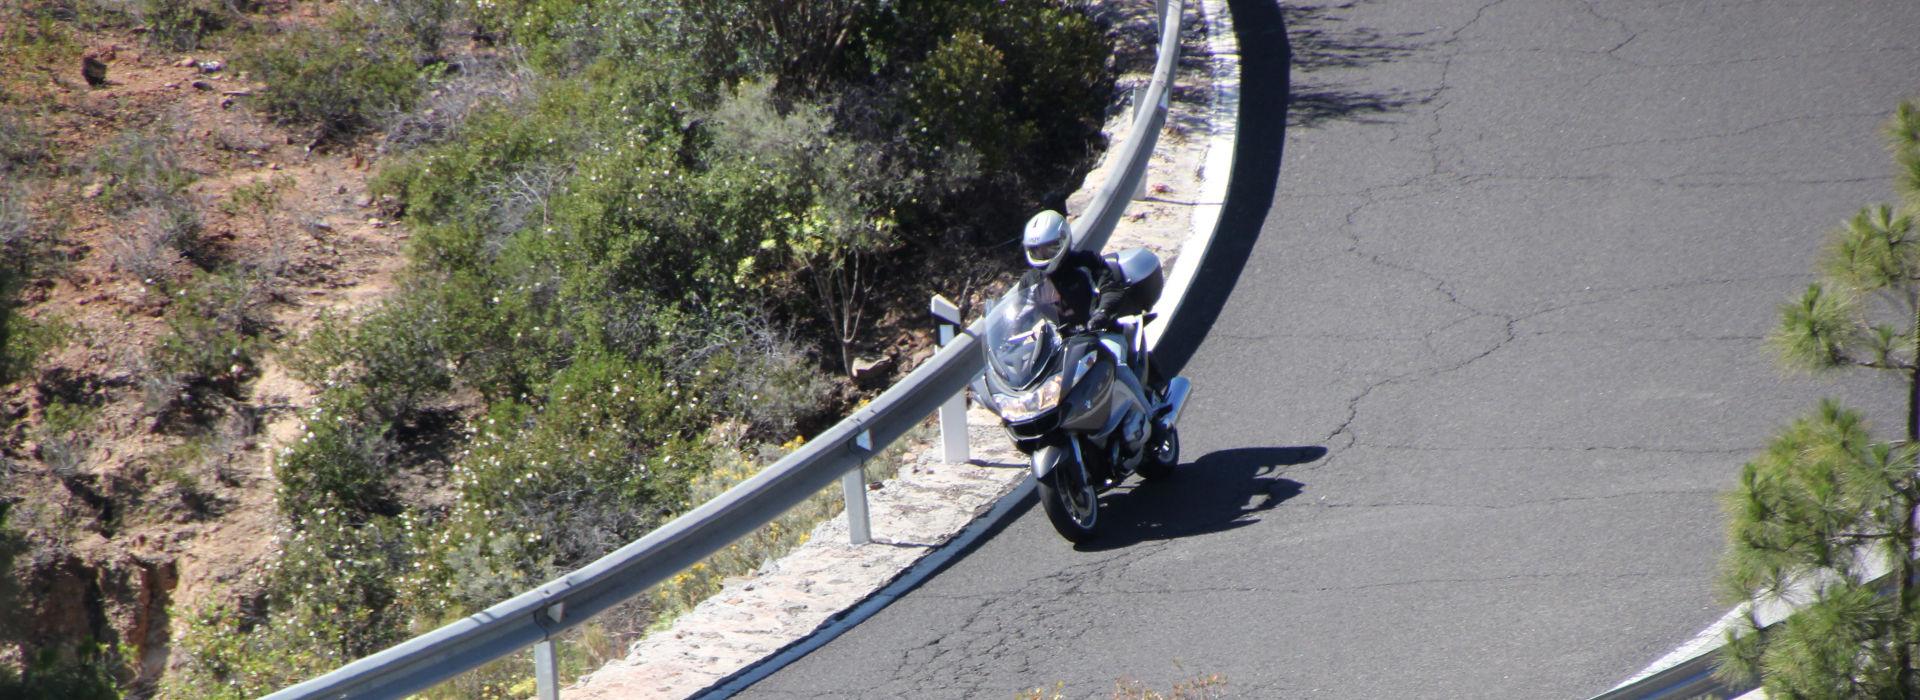 Motorrijbewijspoint Budel-Dorplein spoedcursus motorrijbewijs